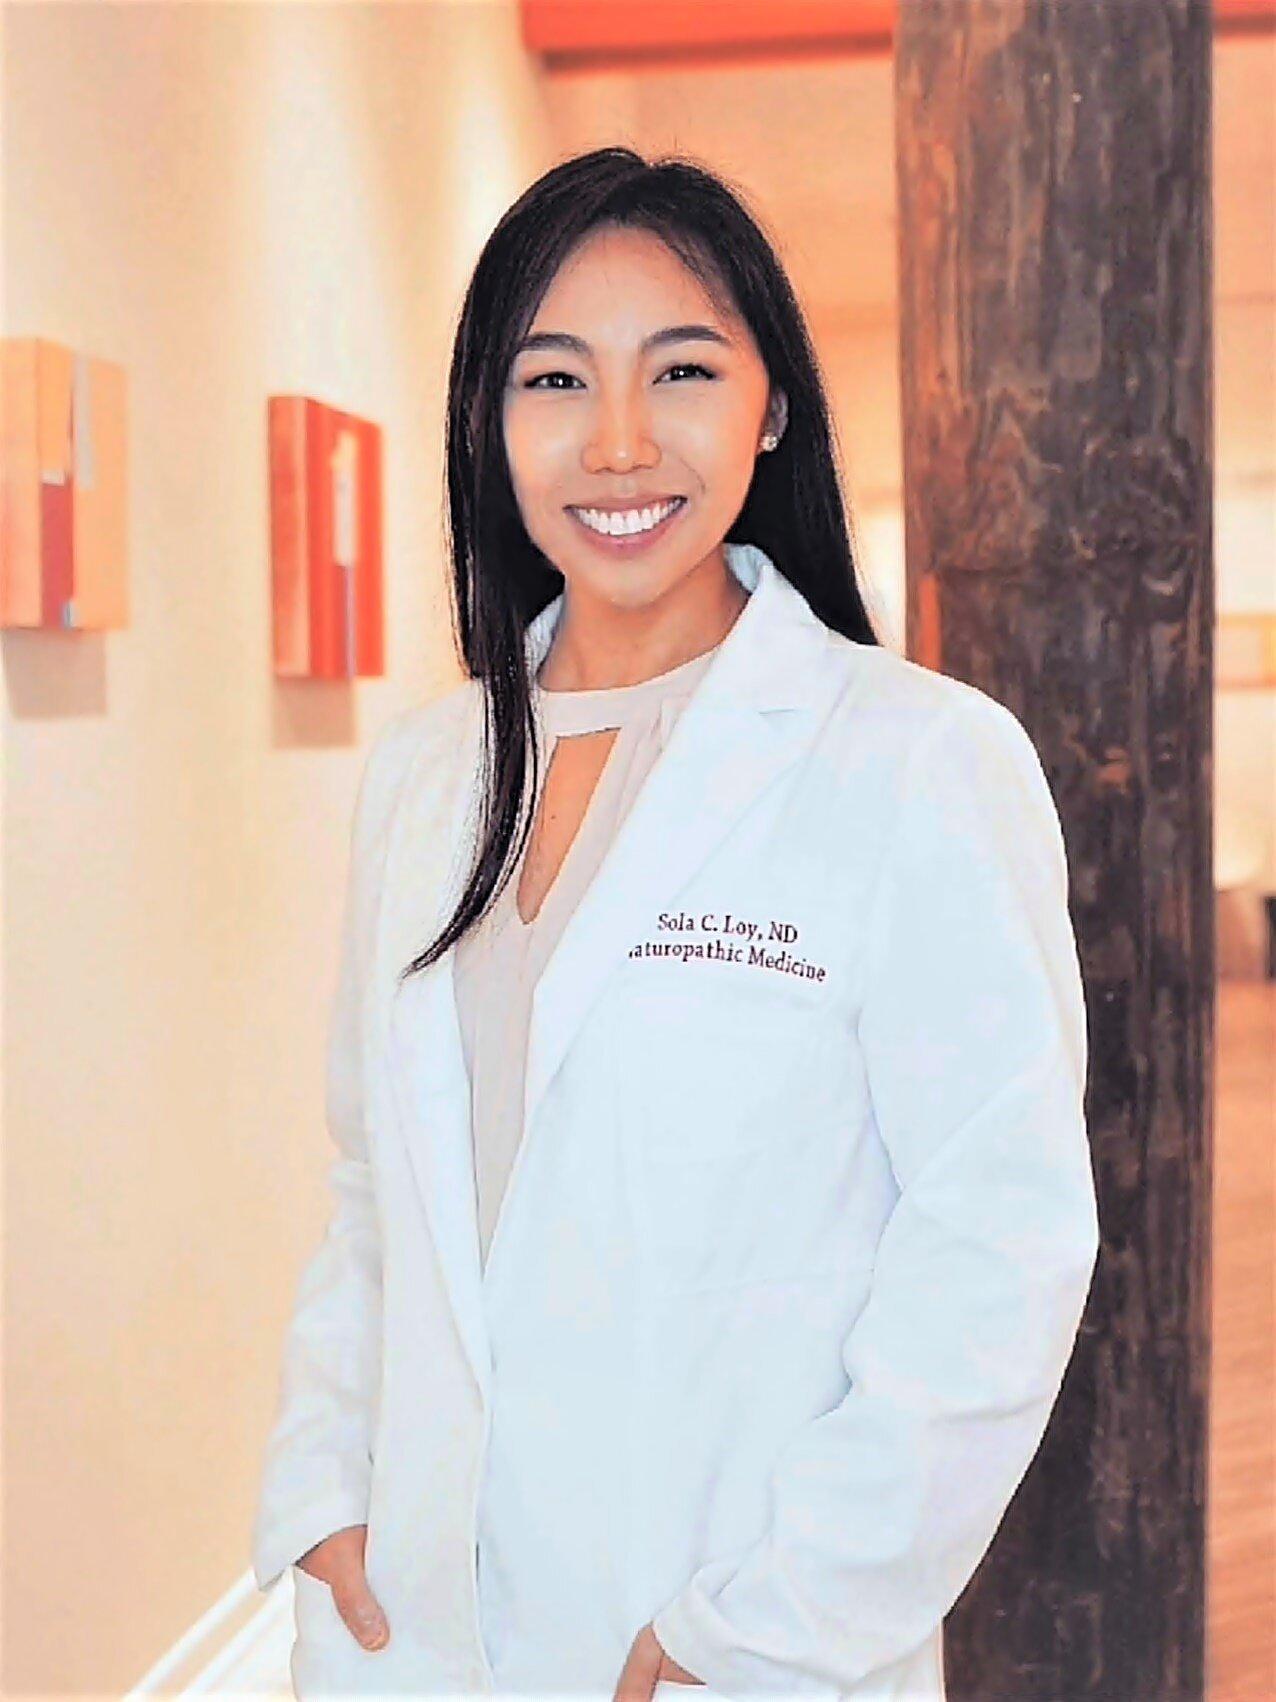 Dr. Sola Loy